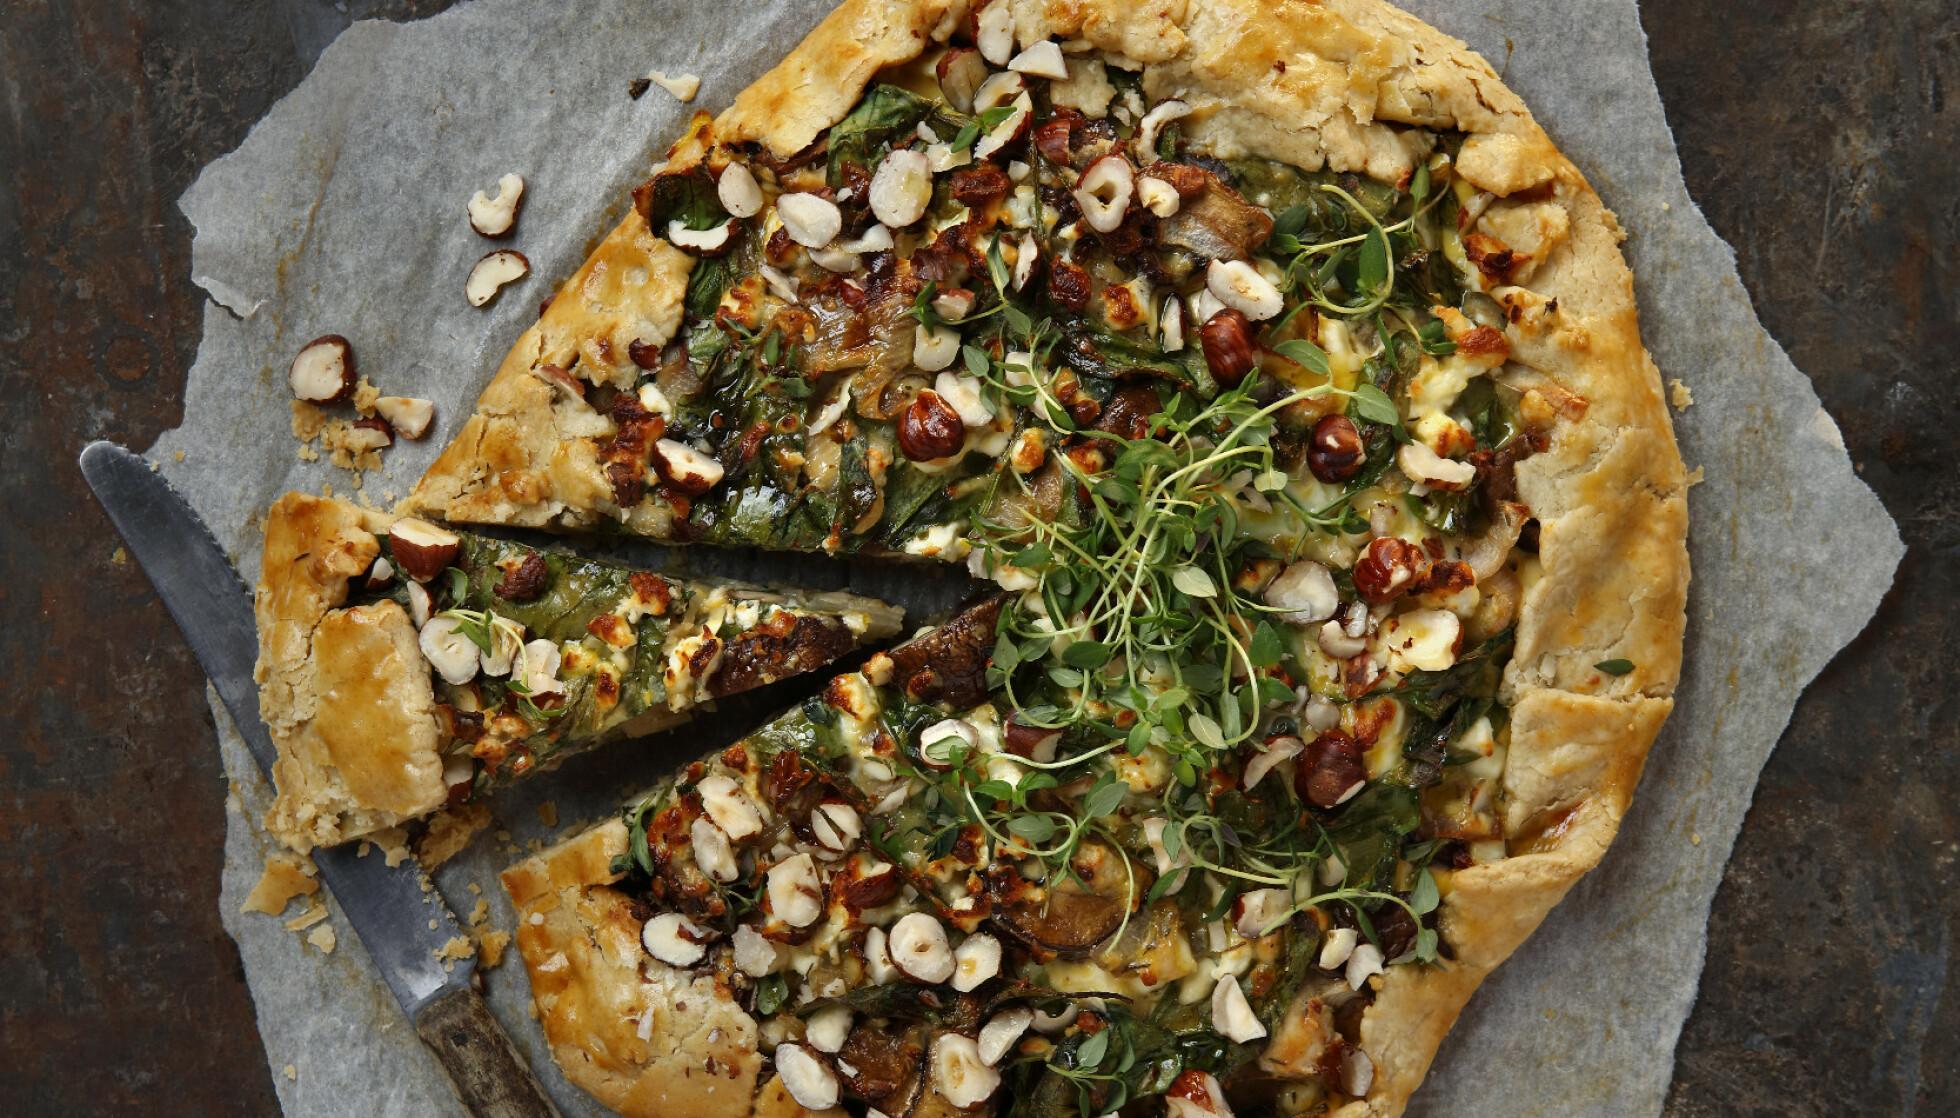 Pai med spinat og sopp. Foto: Mari Svenningsen, Frukt.no